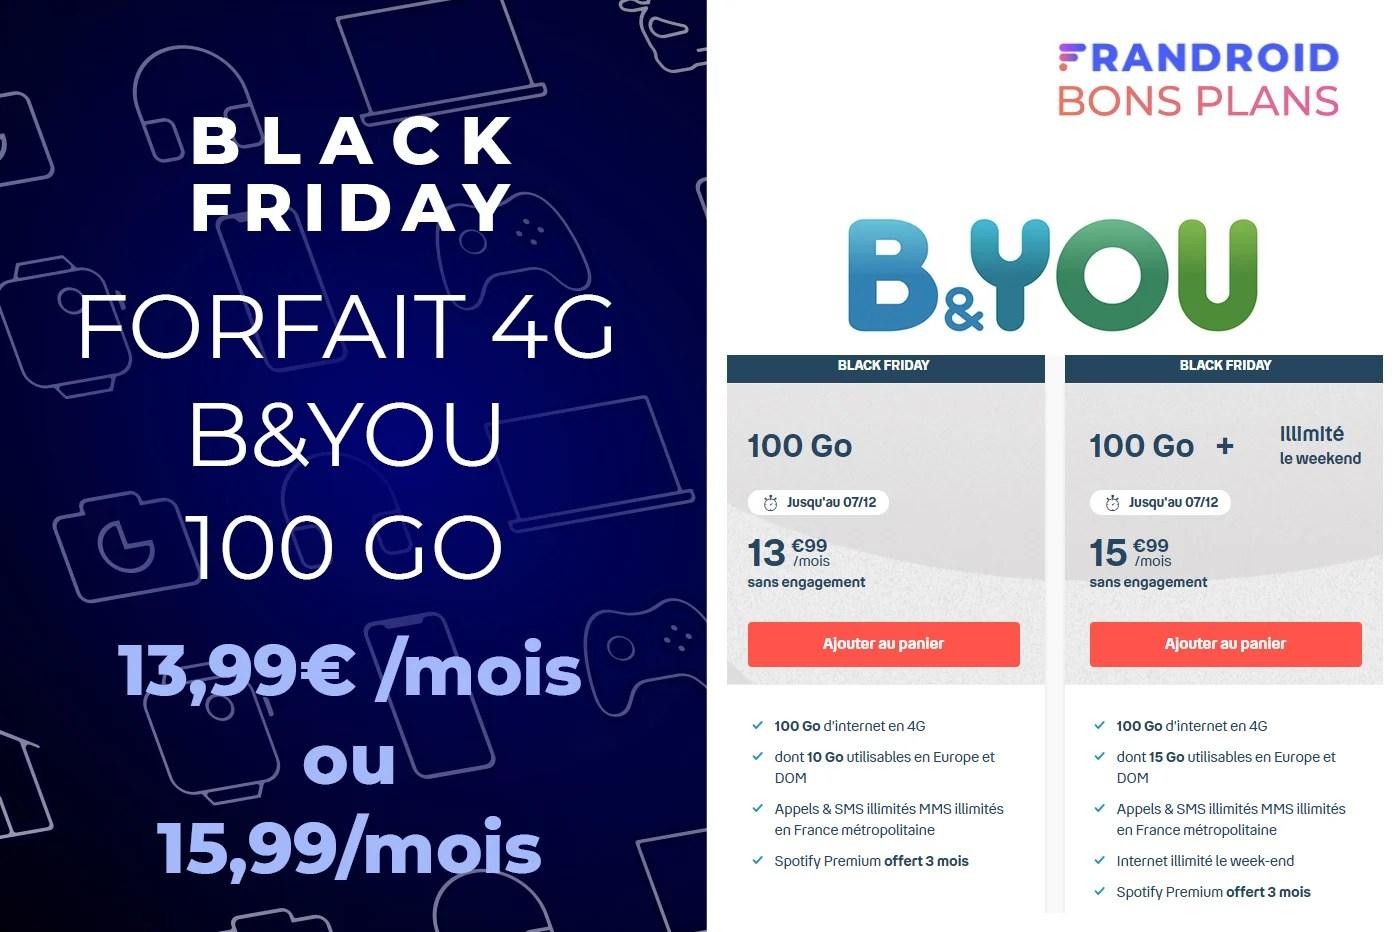 Black Friday B&You : forfait mobile 100 Go + illimité le week-end à 15,99 €/mois